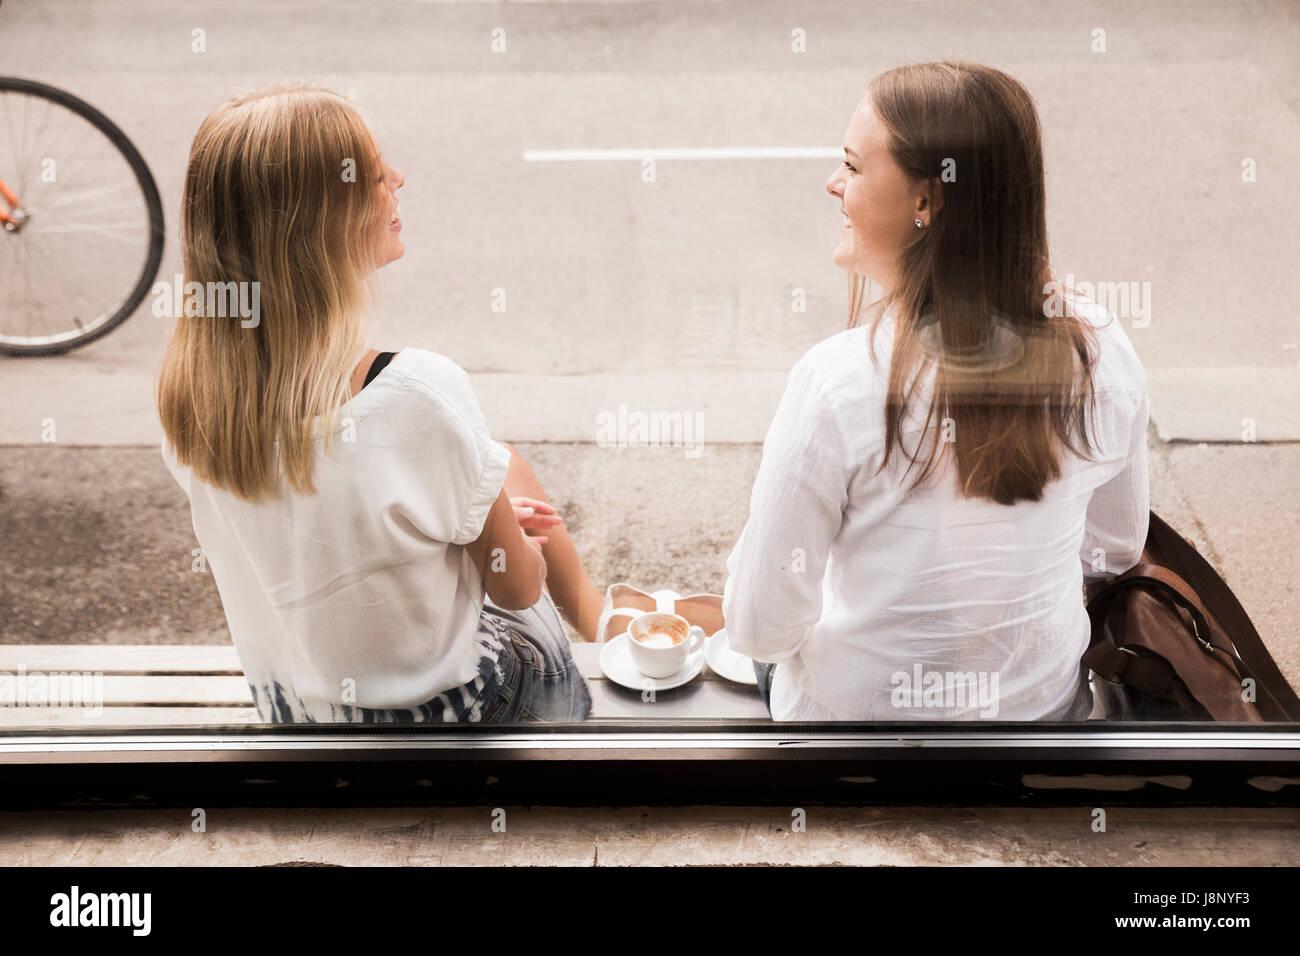 Las mujeres jóvenes hablando fuera de cafe Foto de stock